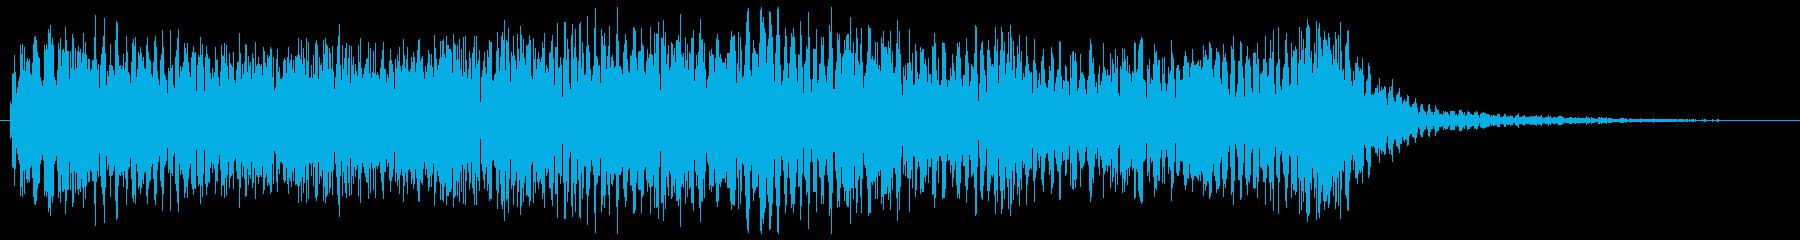 ニュース番組のオープニング等のシンセ音の再生済みの波形